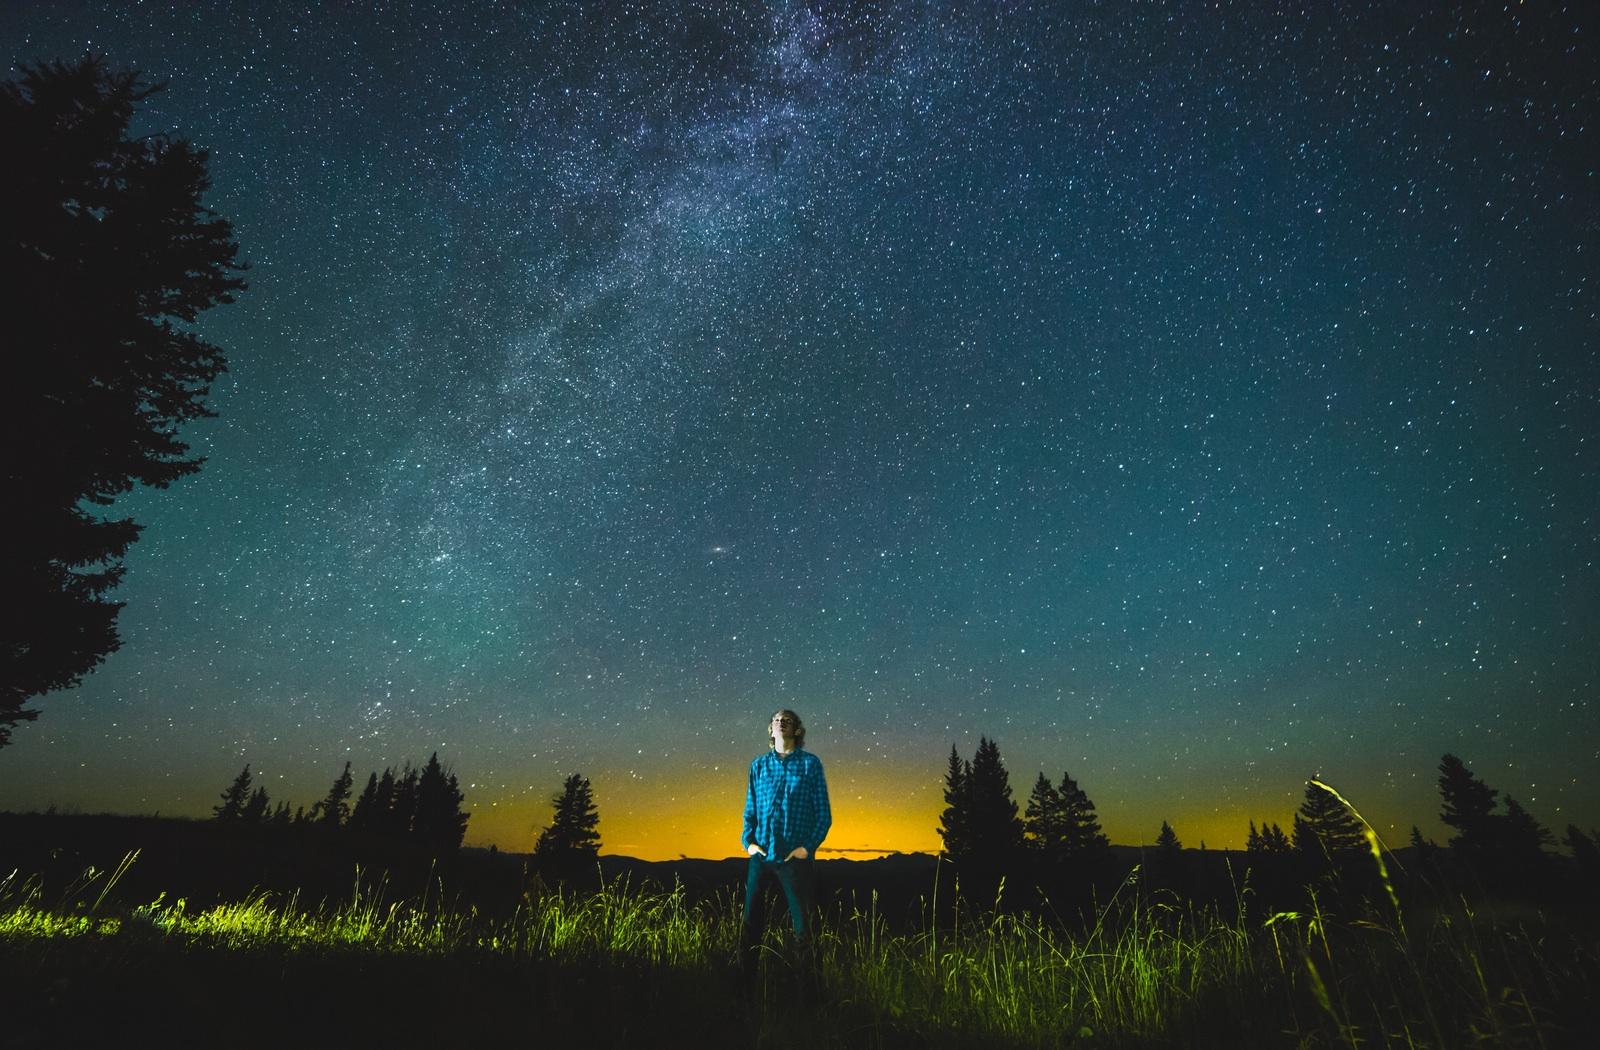 Fotografija koja prikazuje čovjeka u sumraku.